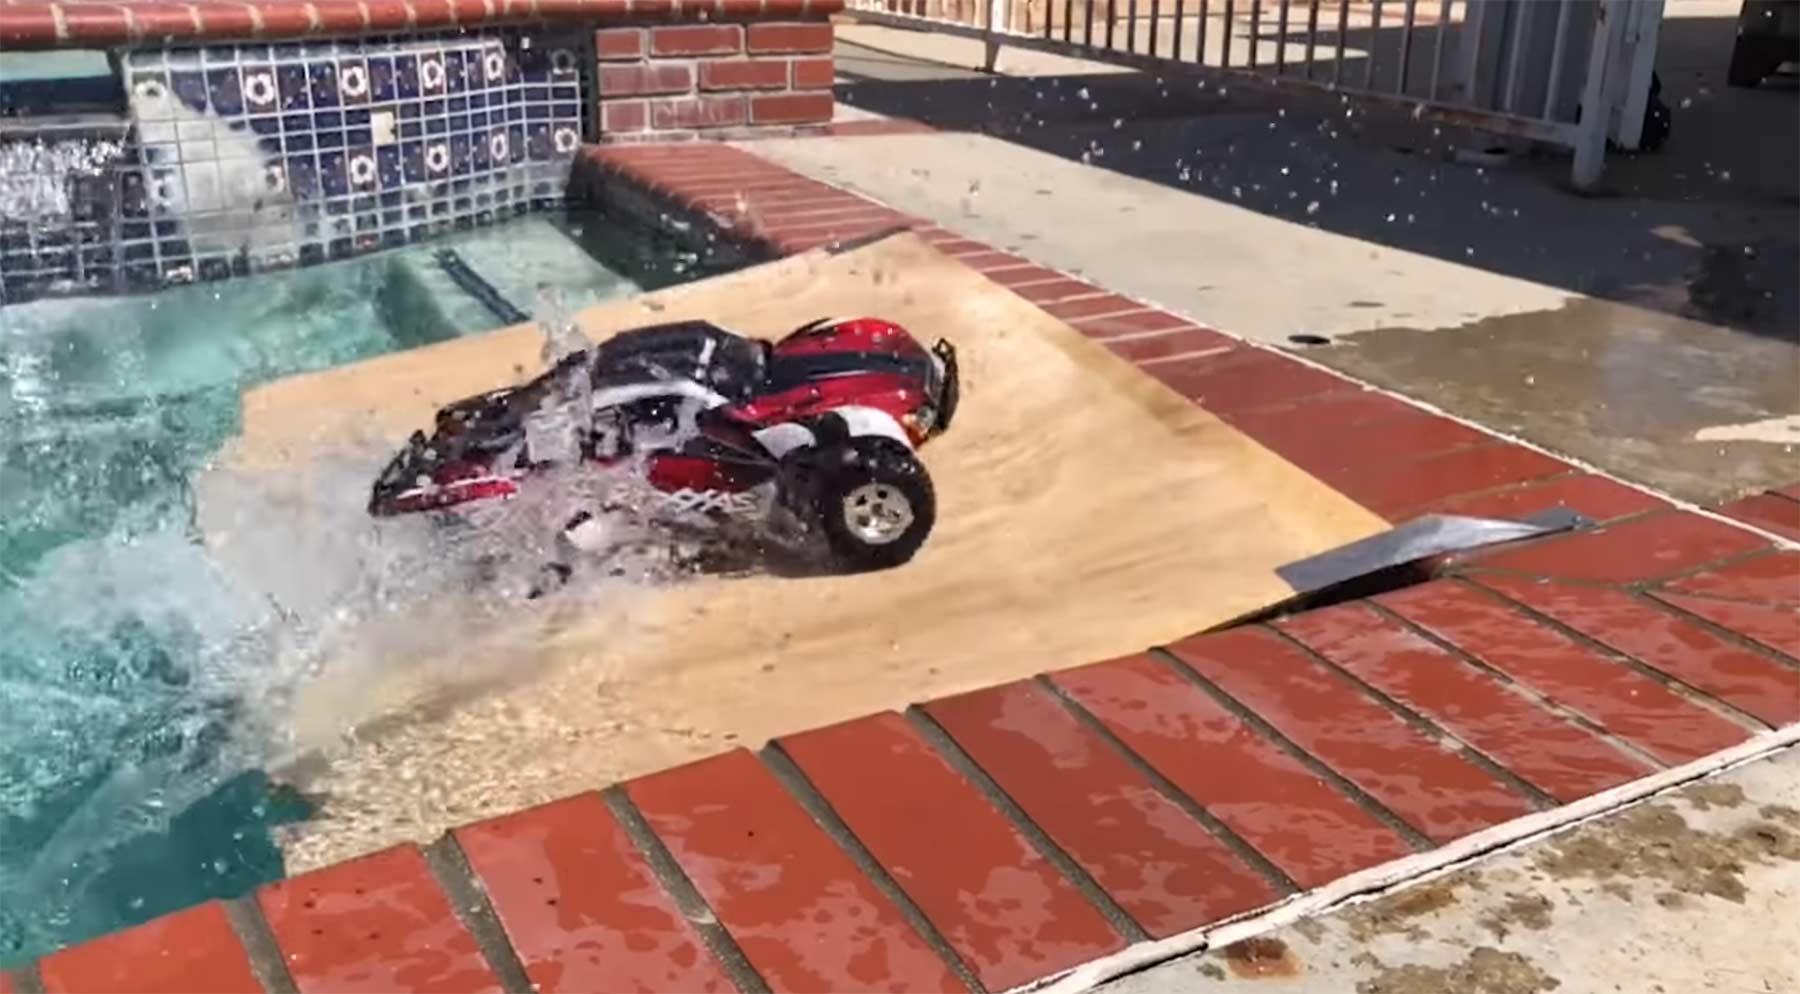 Eine coole Runde mit dem RC Car drehen